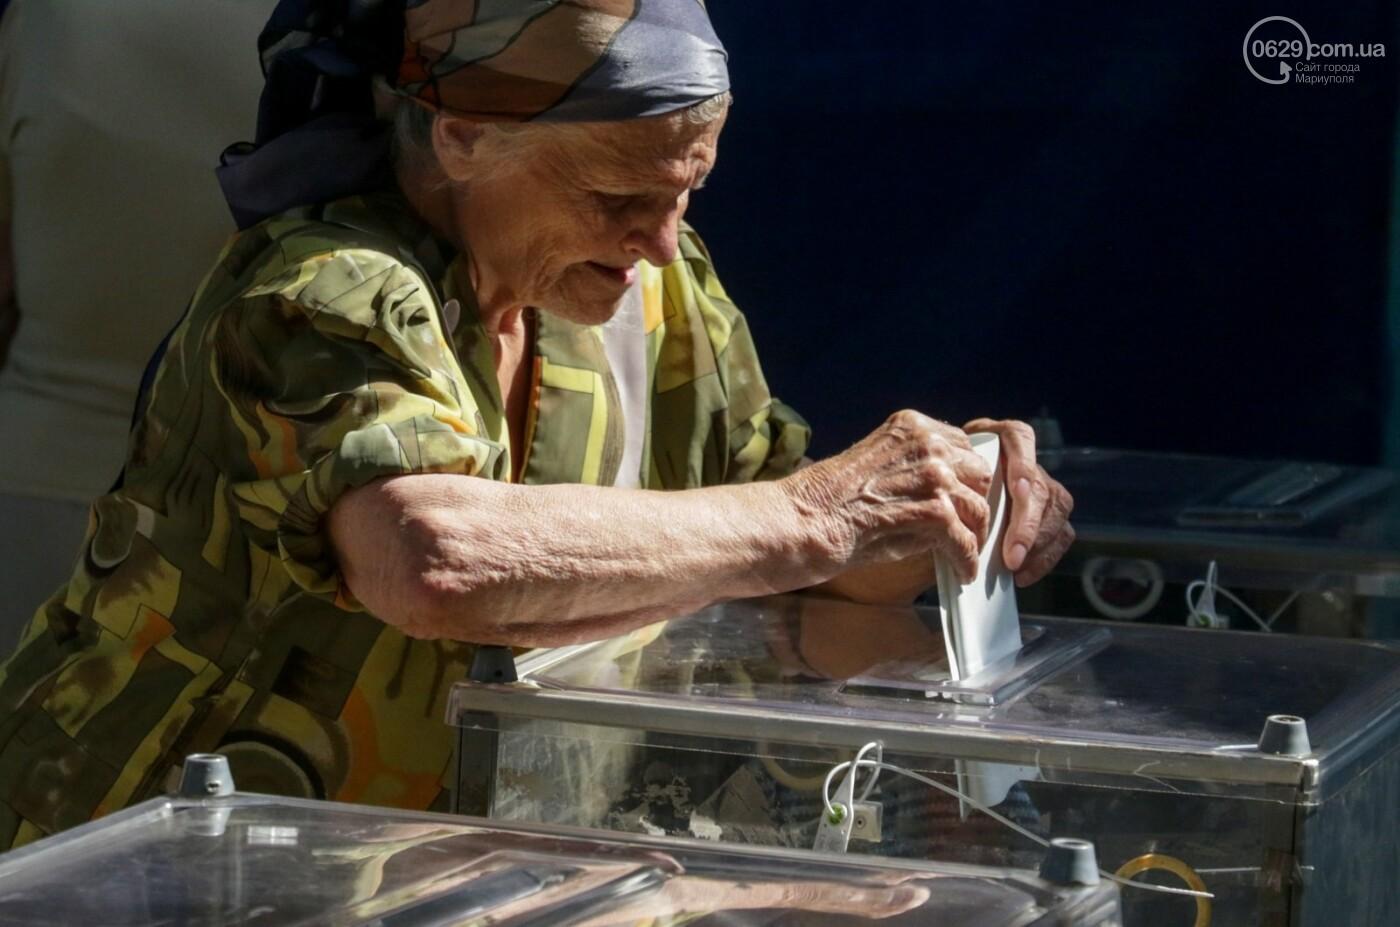 Как бабушки и дедушки будущее Украины выбирали, пока молодежь загорала на пляже, - ФОТОРЕПОРТАЖ, фото-2